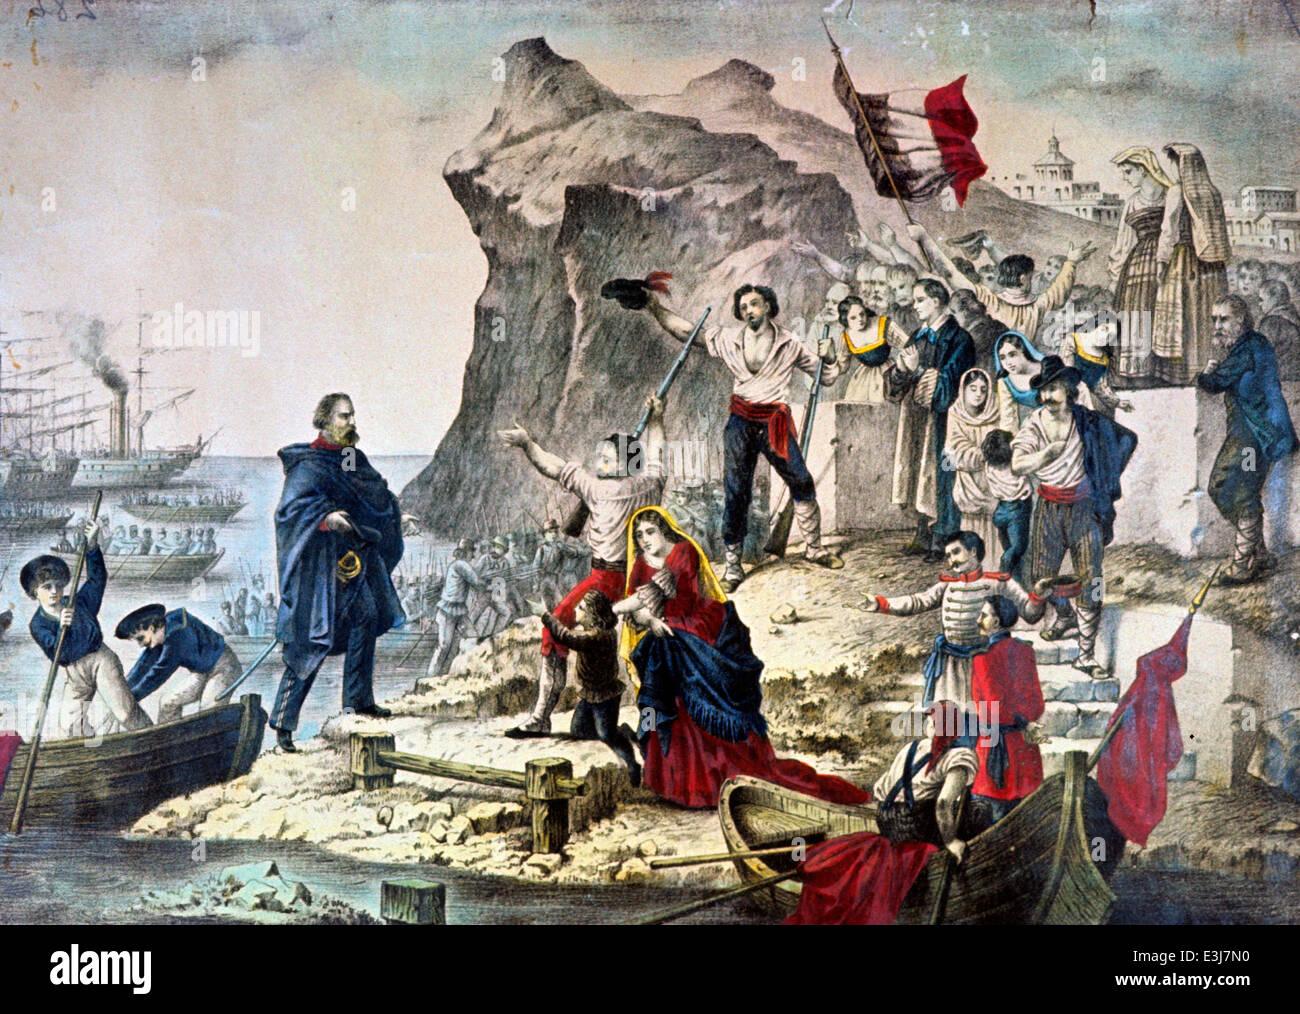 Giuseppe Garibaldi en Sicilia, expedición de los Mil 1860 Foto de stock